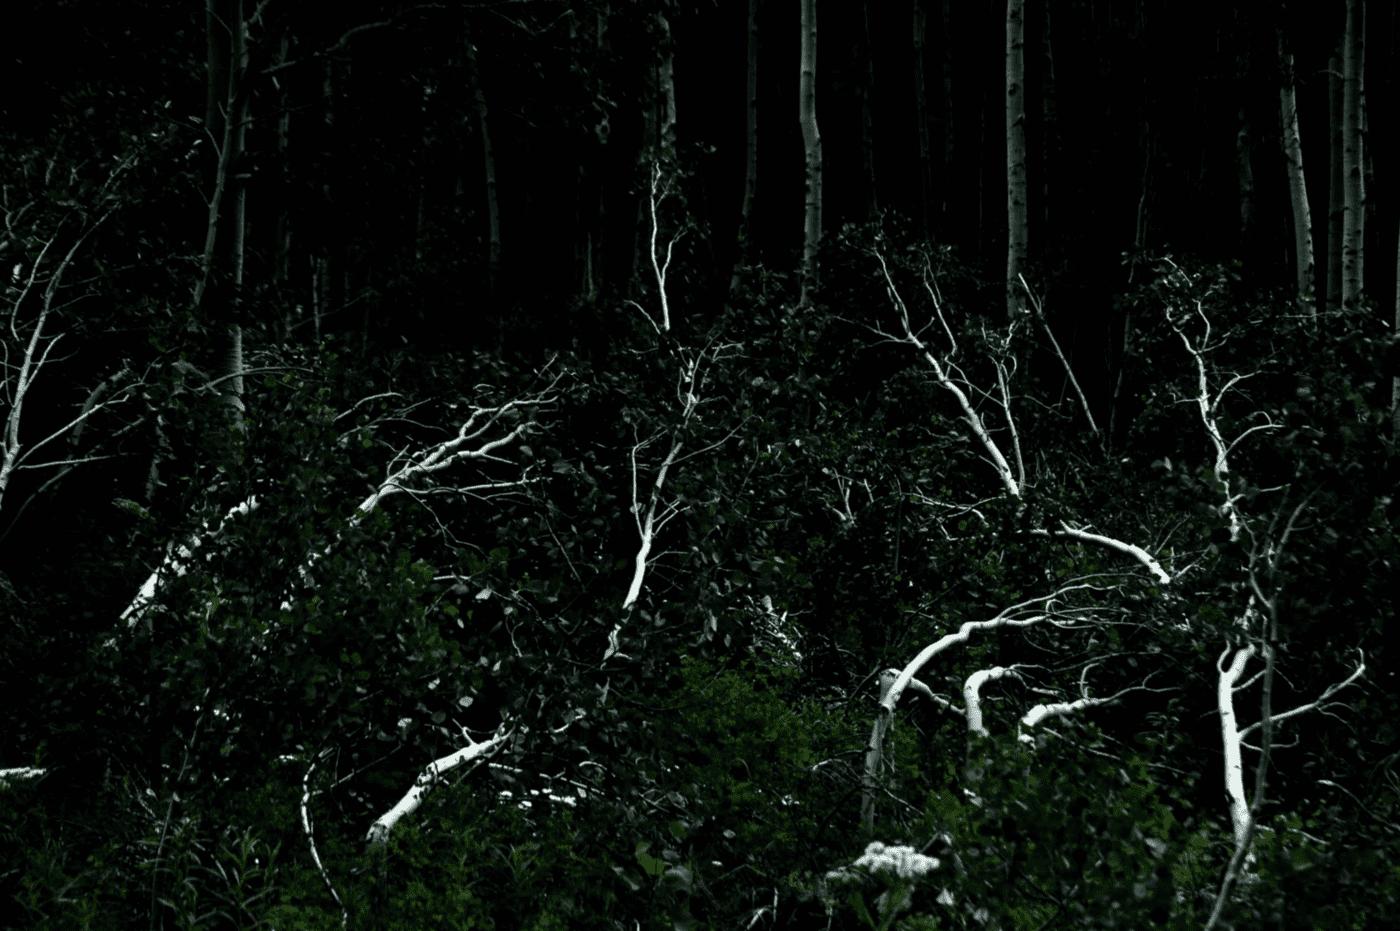 Retrato de un árbol es una mucndkelsofgdg